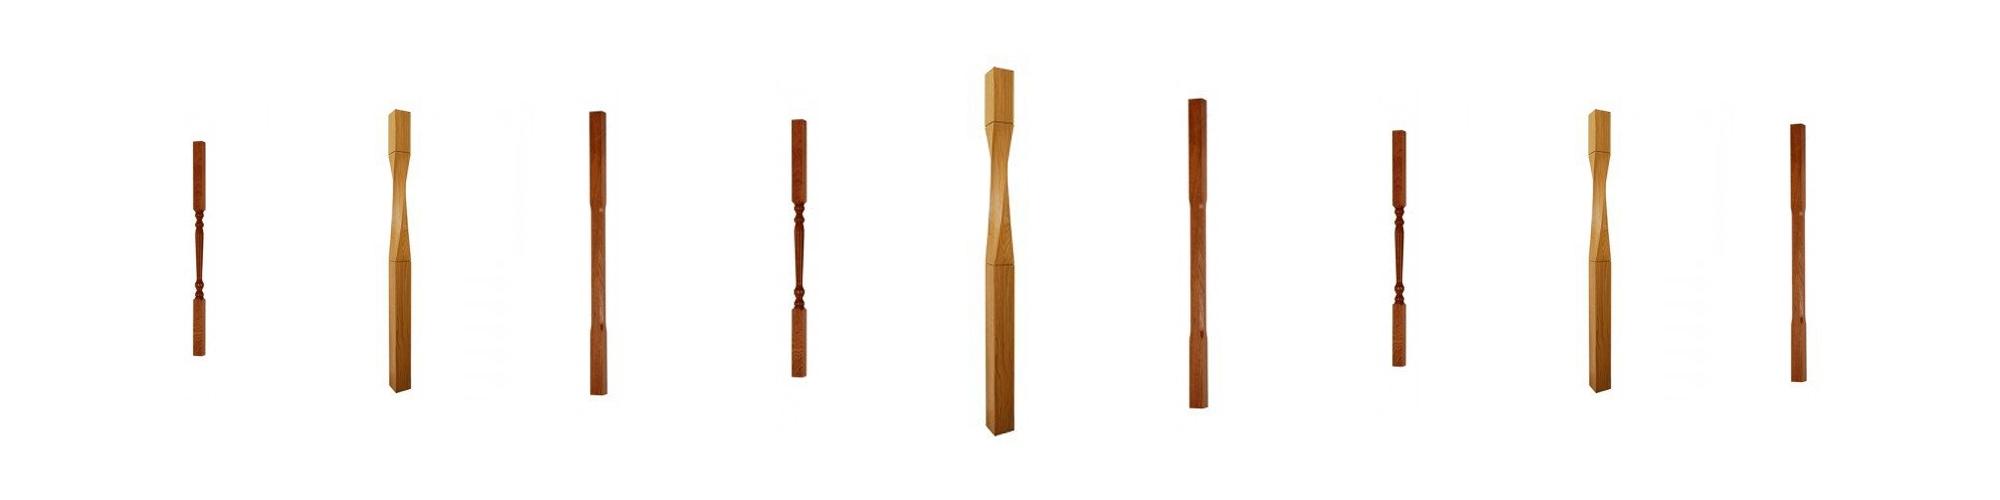 Softwood & Hardwood spindles